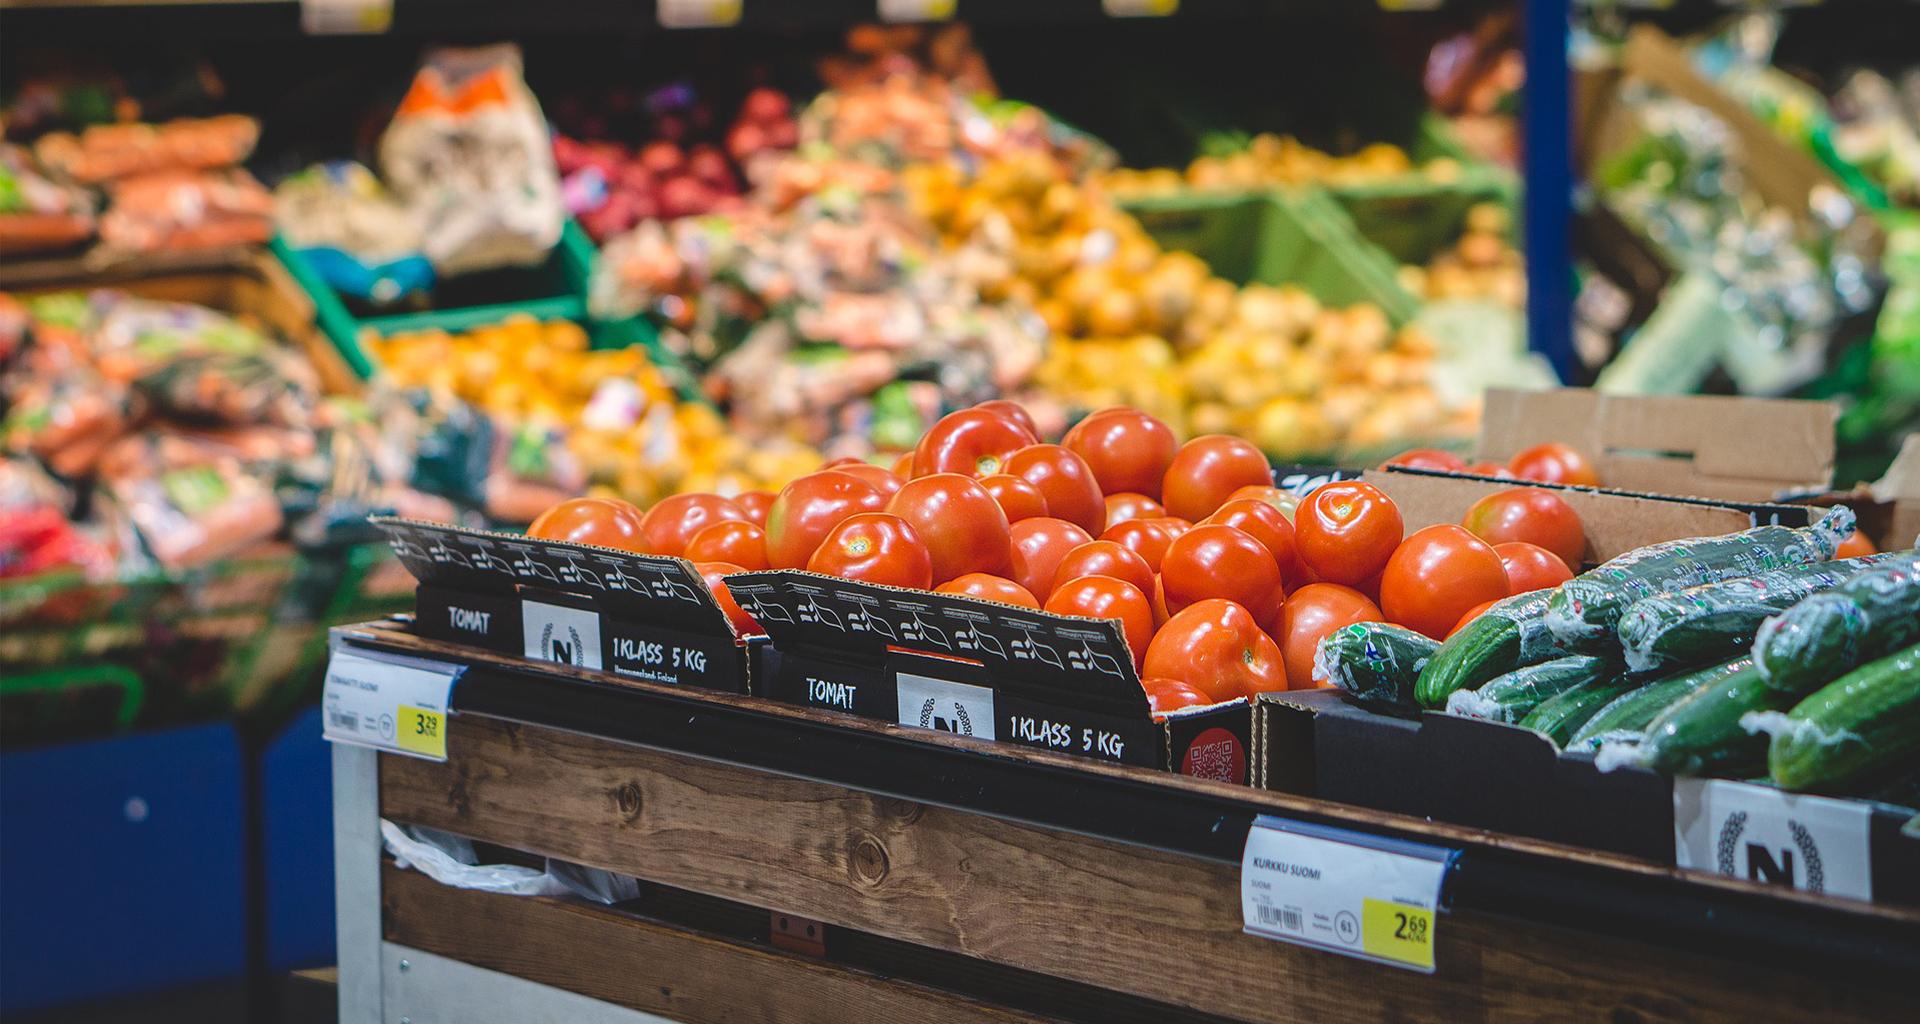 La sostenibilidad podría ser el futuro de los supermercados